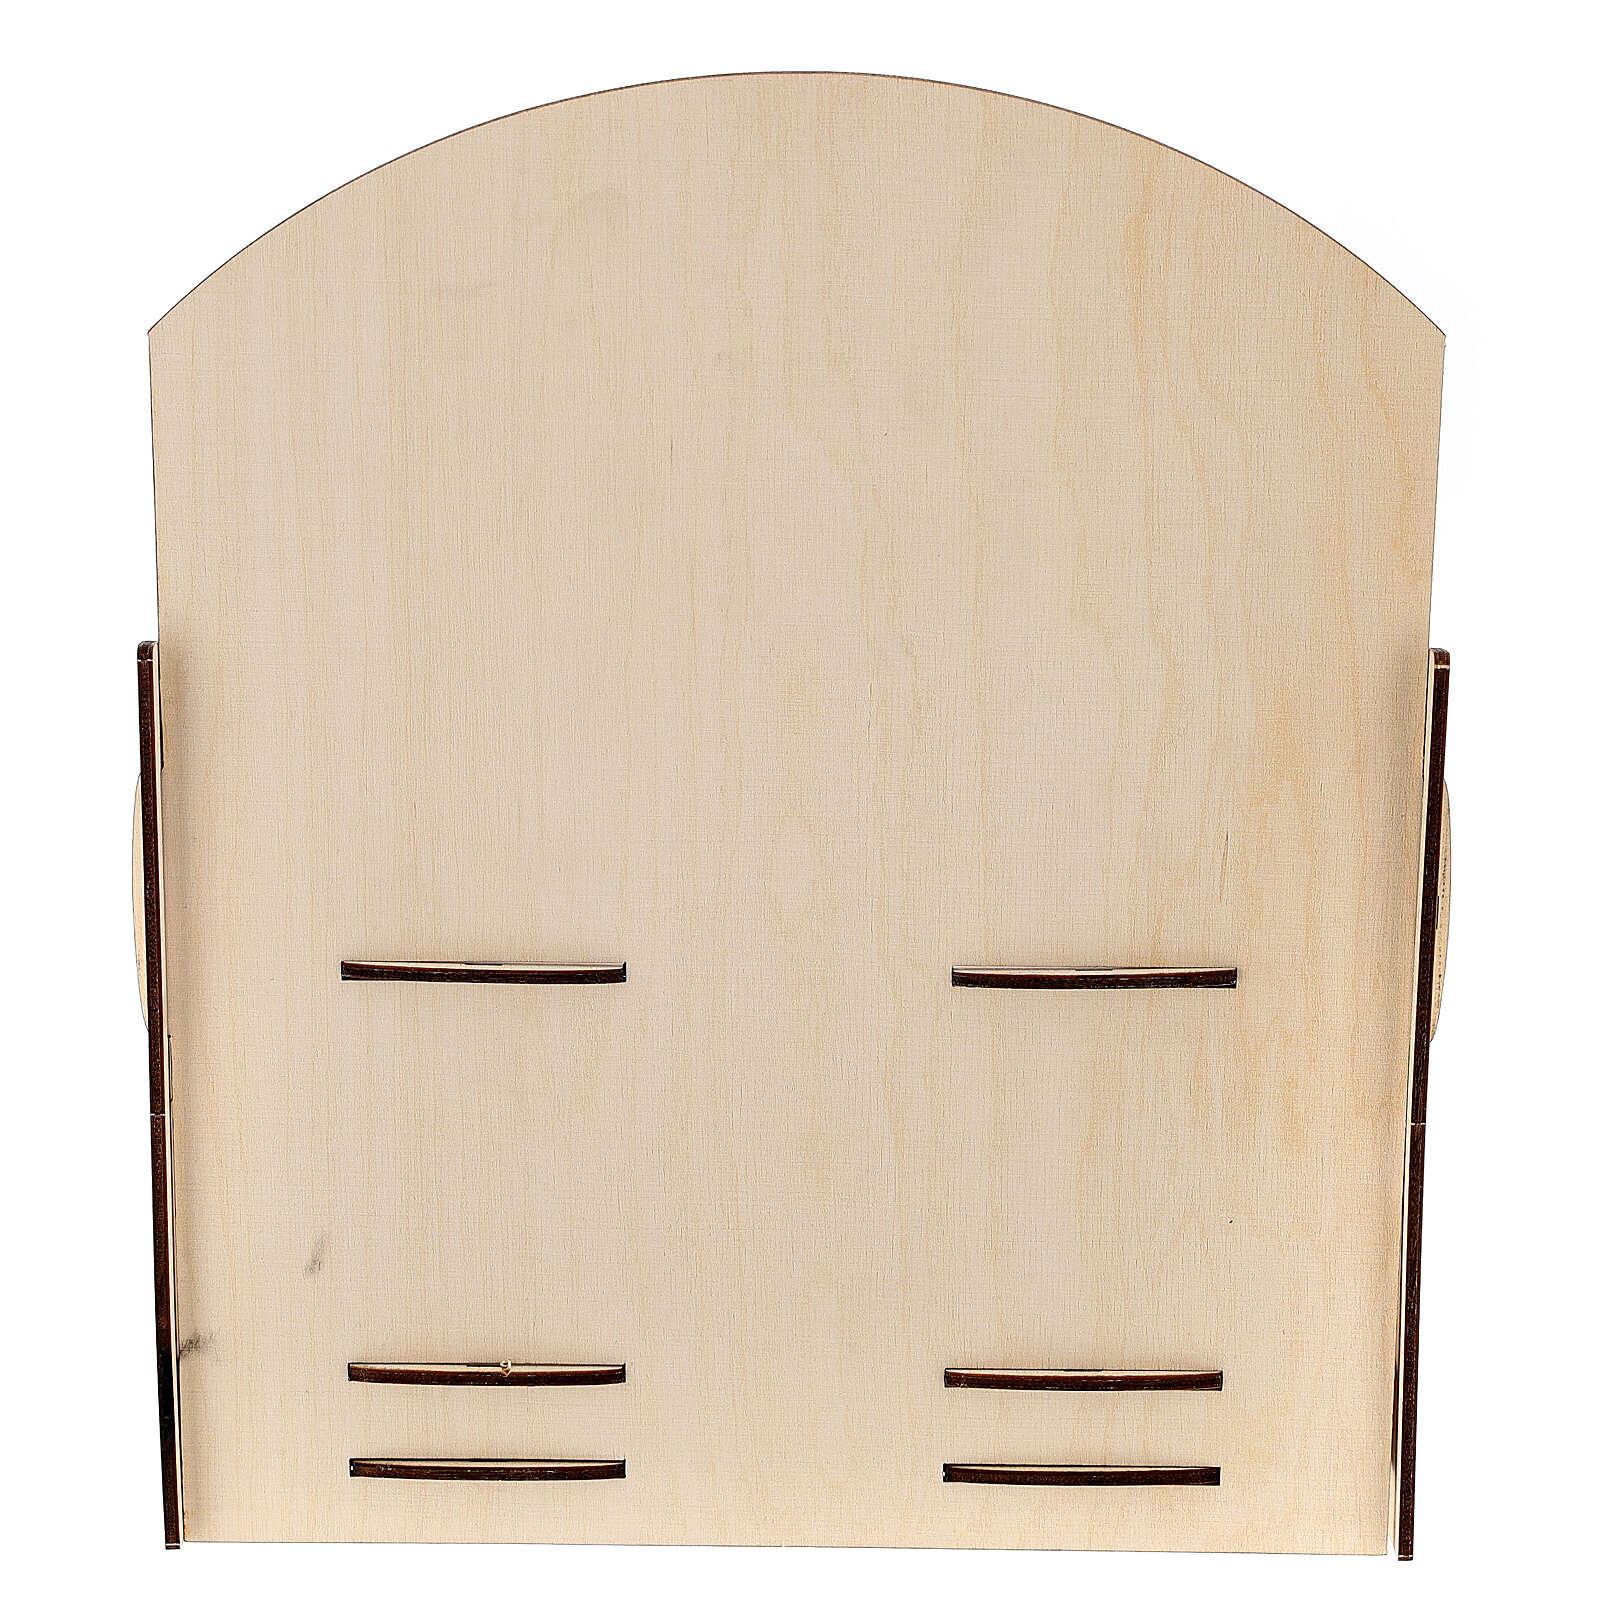 Espositore per tubetti incenso legno 25x30x25 3